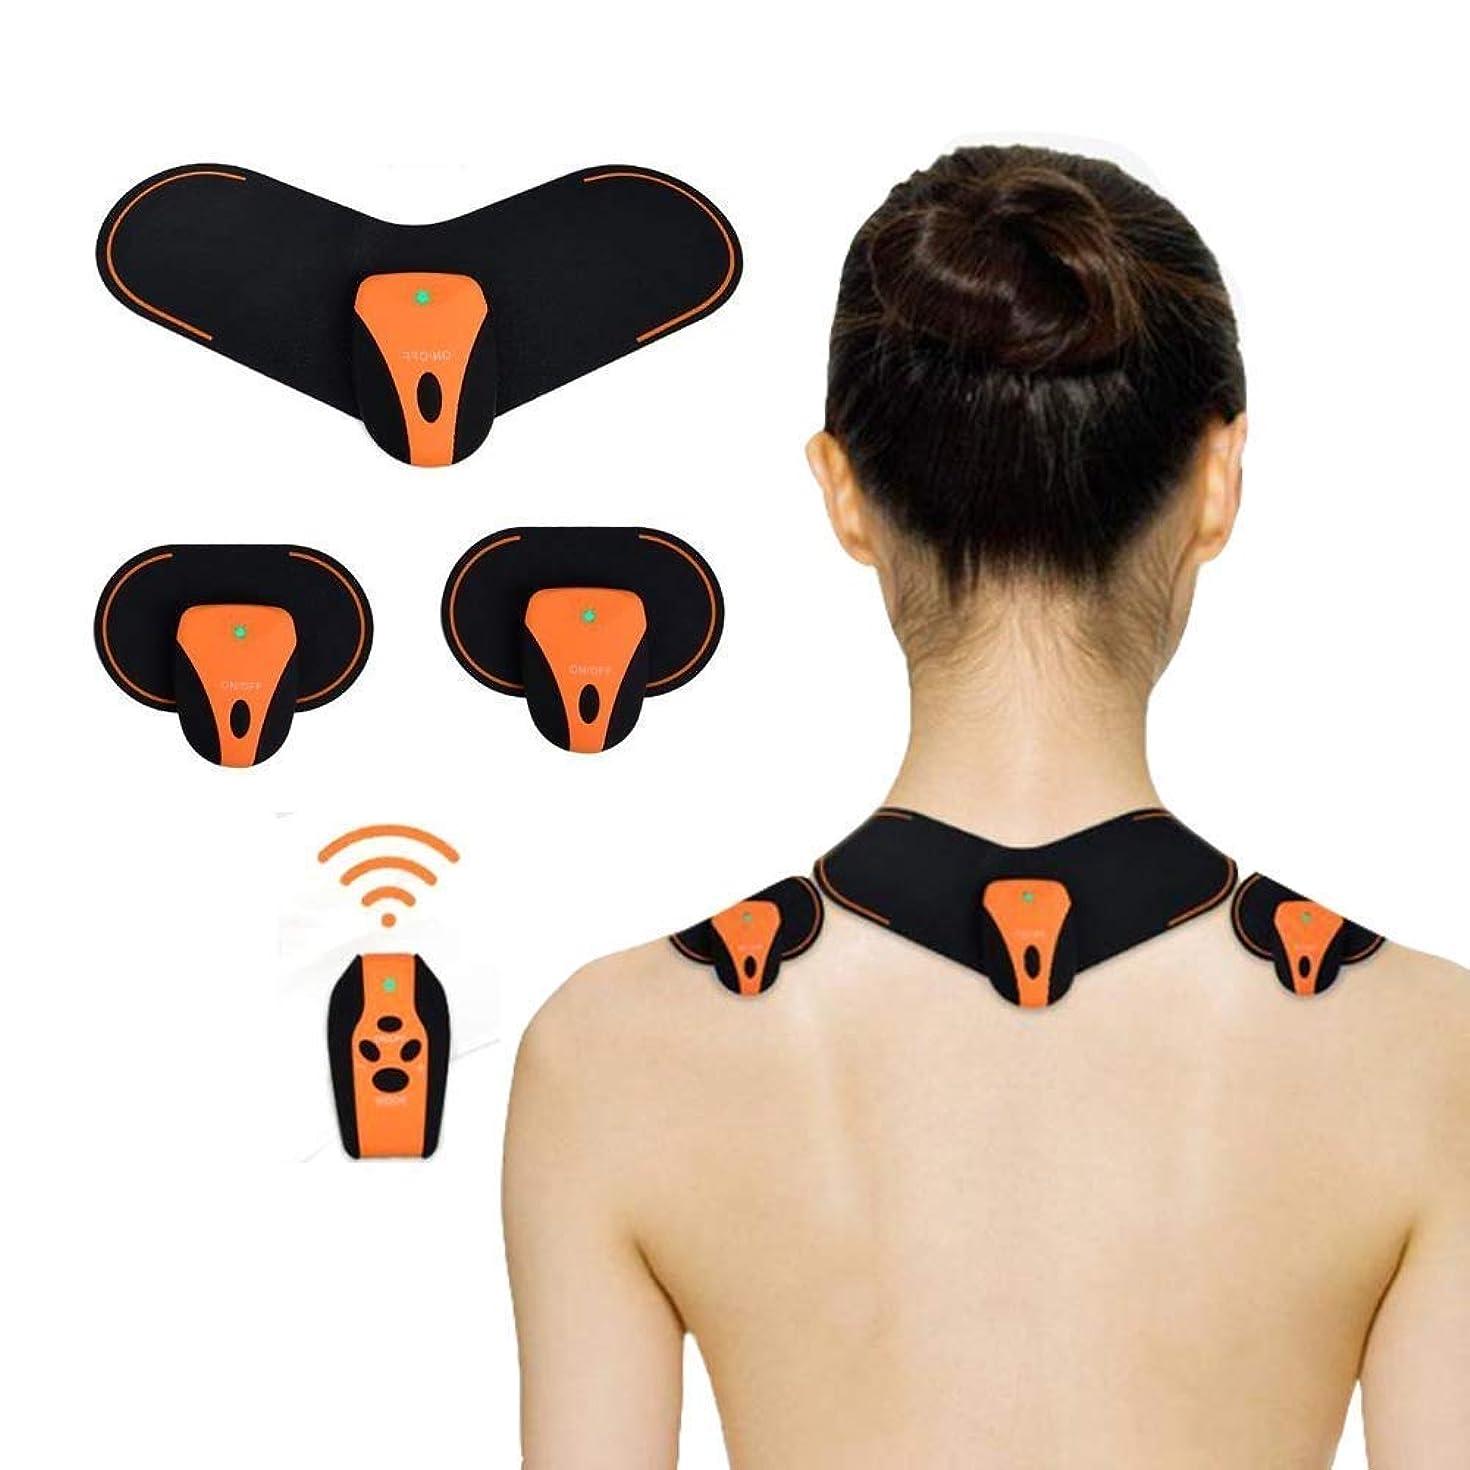 文化時代遅れ進行中マッサージステッカー 電子筋肉刺激物機械、線維筋痛症/関節炎/肩/神経/首/背部苦痛の救助のための脈拍の刺激物EMS 10の機械、疼痛のリハビリテーションのための電気マッサージャー